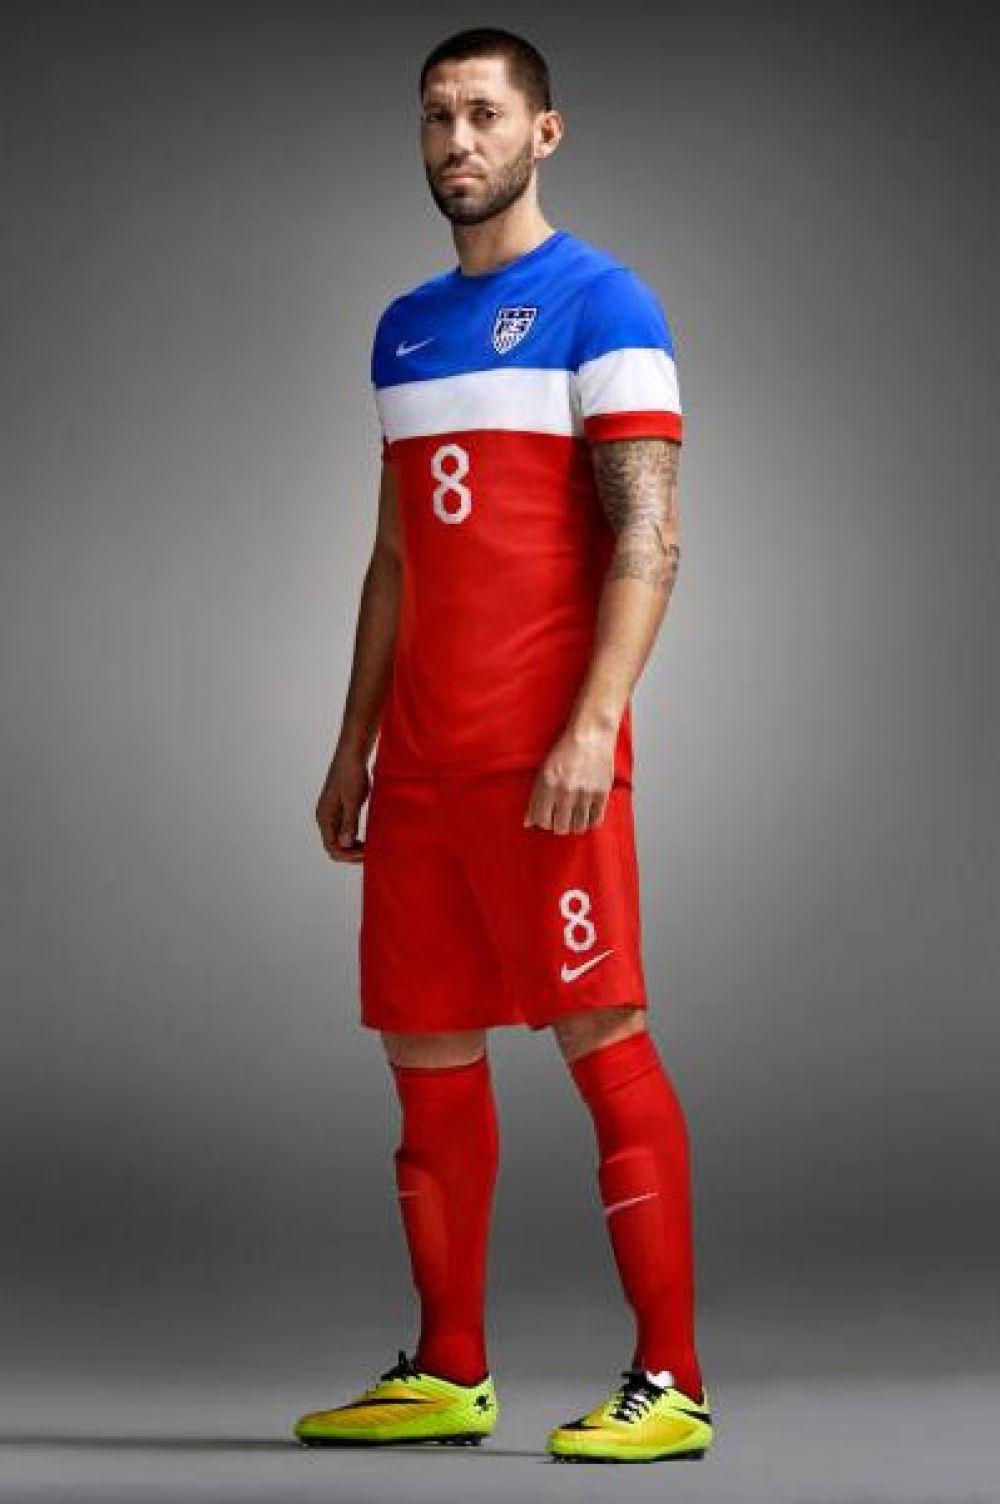 Оригинальную форму к чемпионату мира разработали в США – винтажная расцветка футболок отсылает не то к символике времён Отцов основателей, не то к эстетике наряда Капитана Америка.